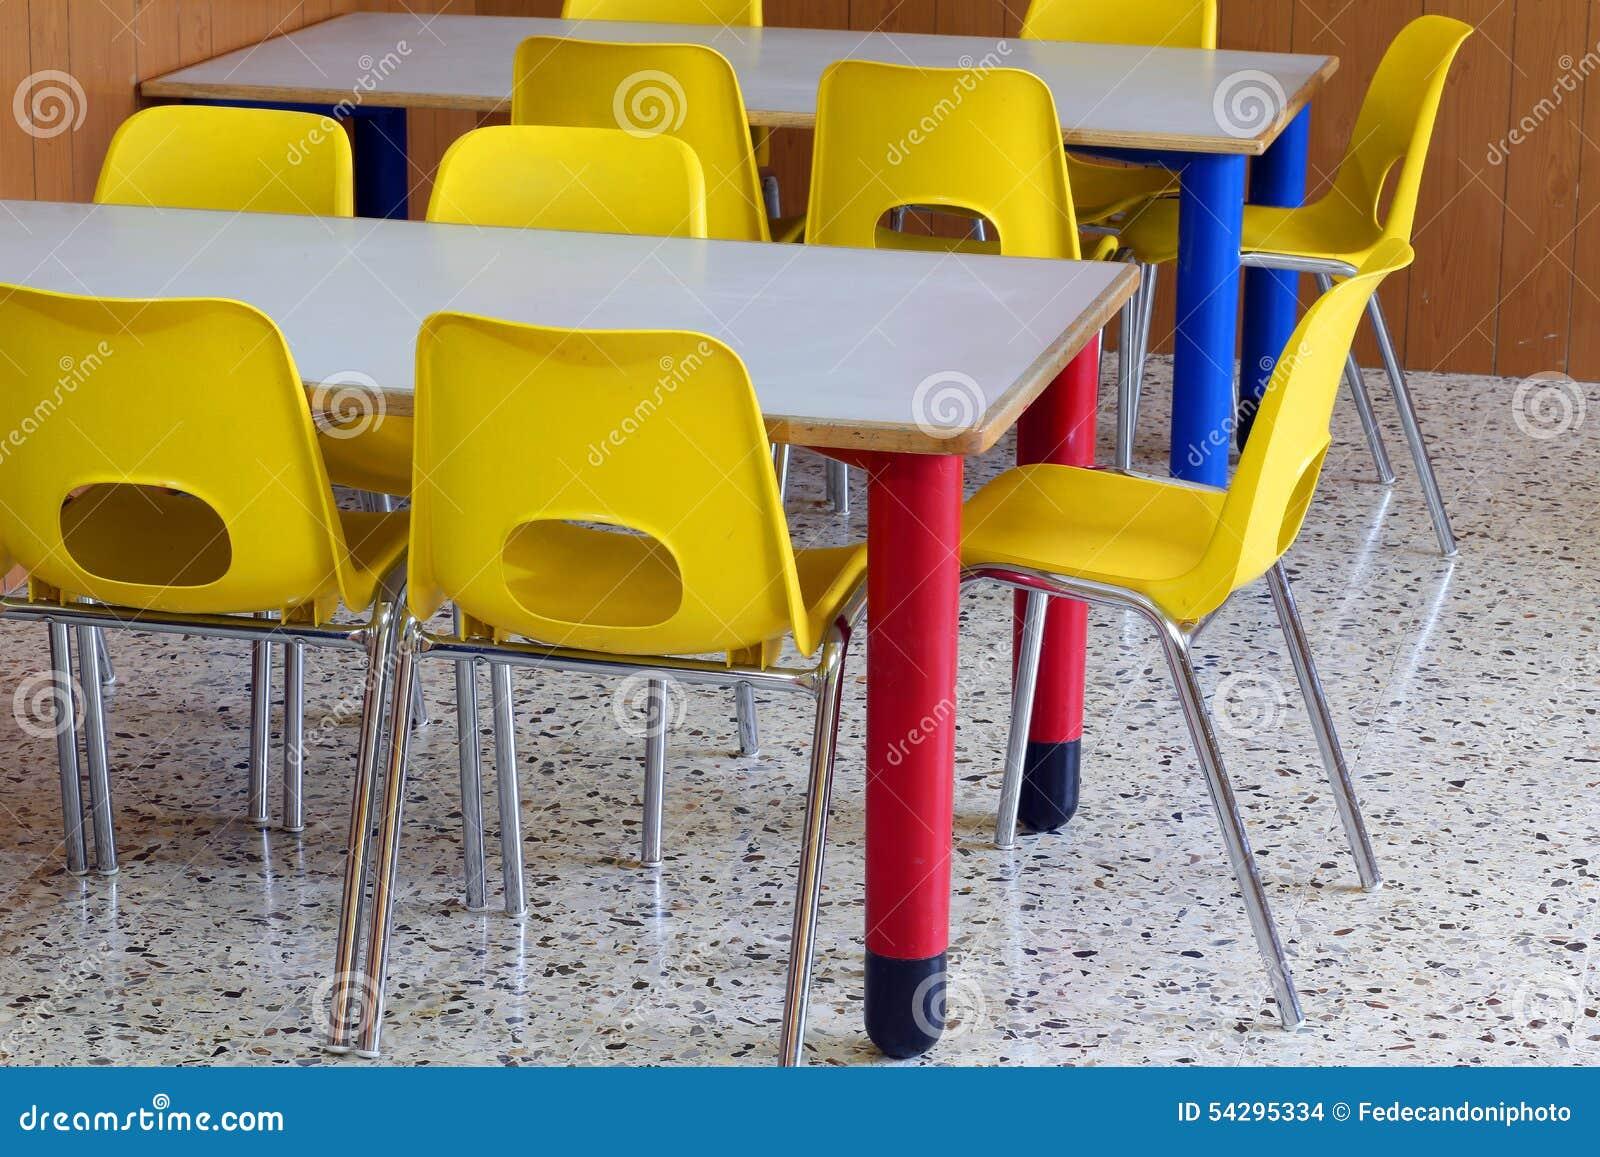 Salle De Classe Avec Petites Chaises Dans Lecole Maternelle